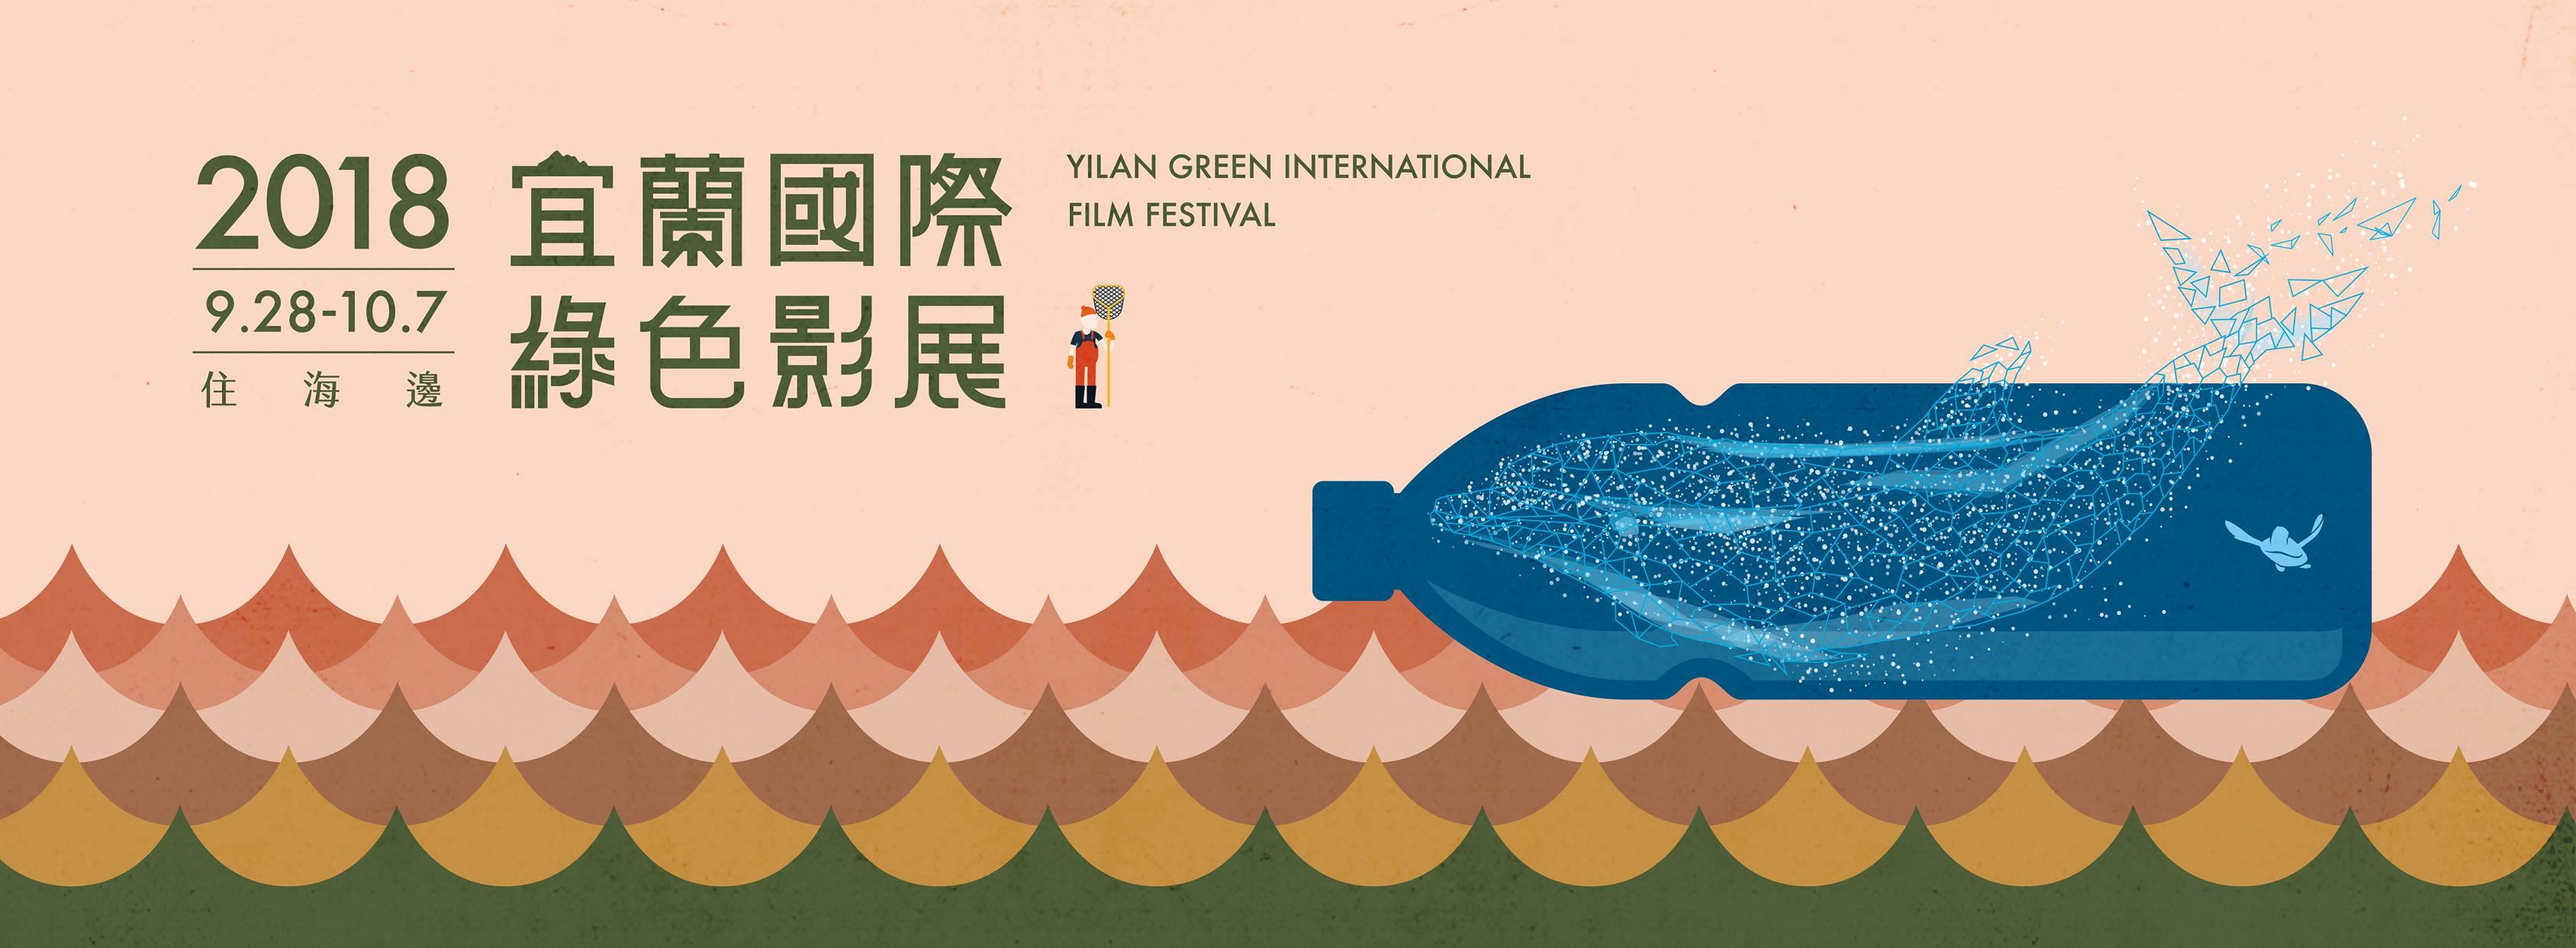 2018 宜蘭綠色影展